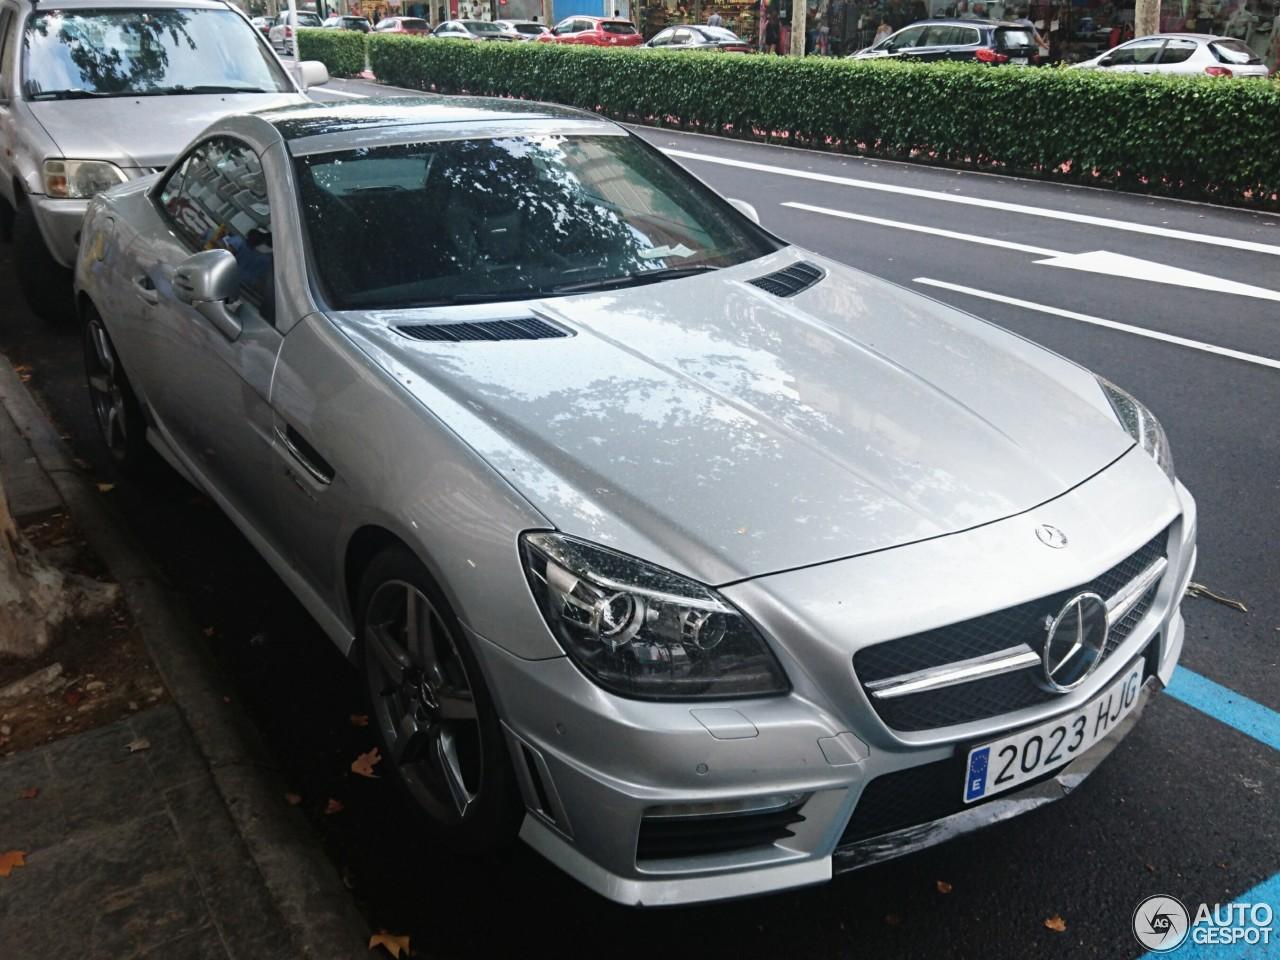 Mercedes benz slk 55 amg r172 7 july 2017 autogespot for Mercedes benz slk amg 2017